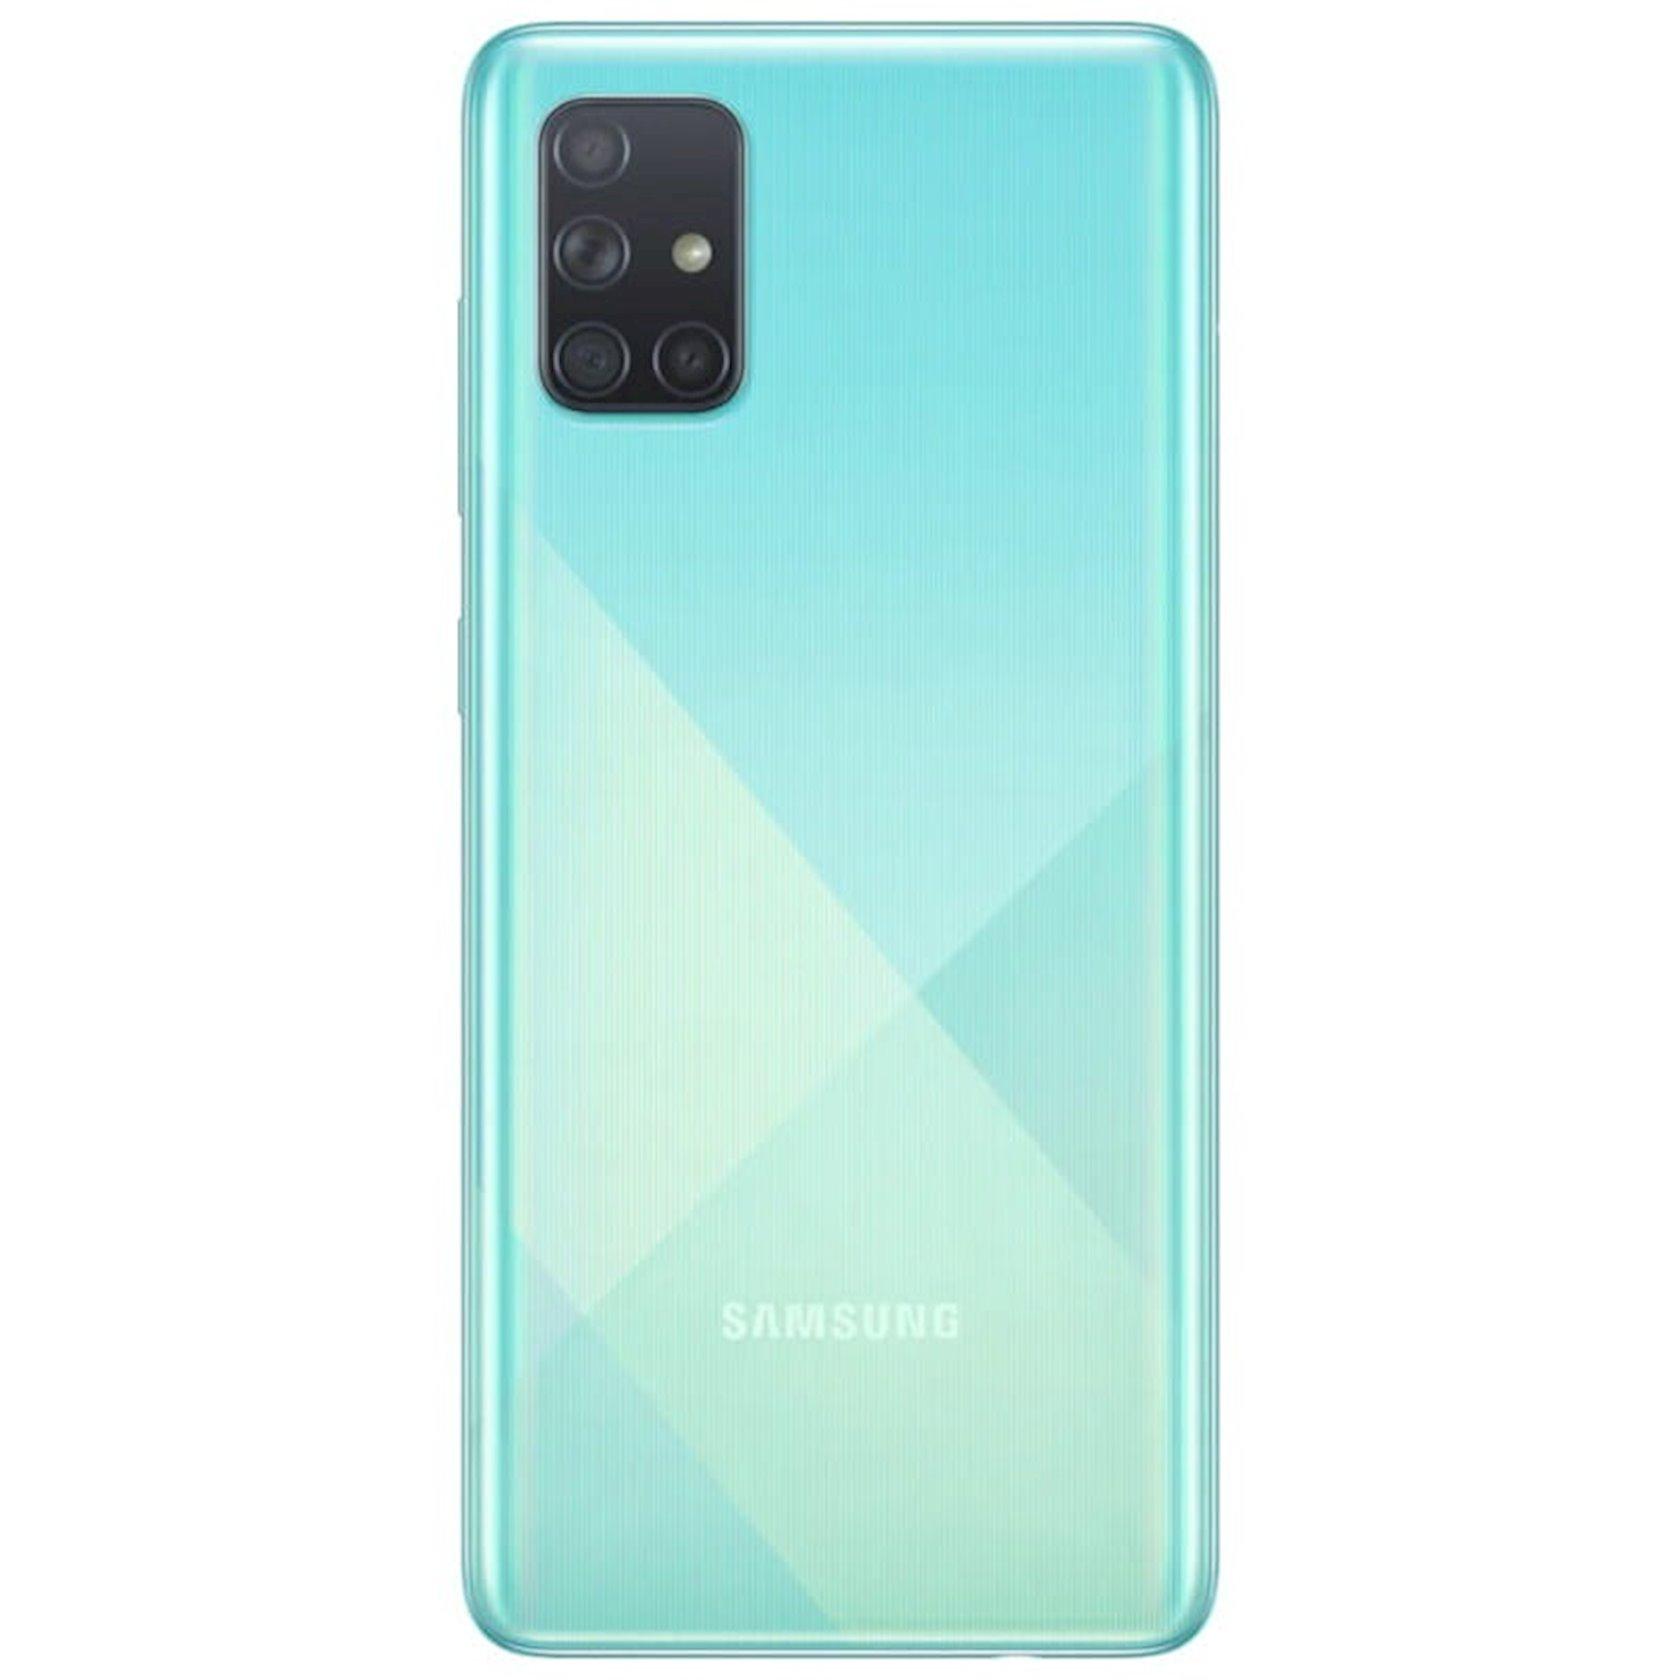 Smartfon Samsung Galaxy A71 6GB/128GB Blue